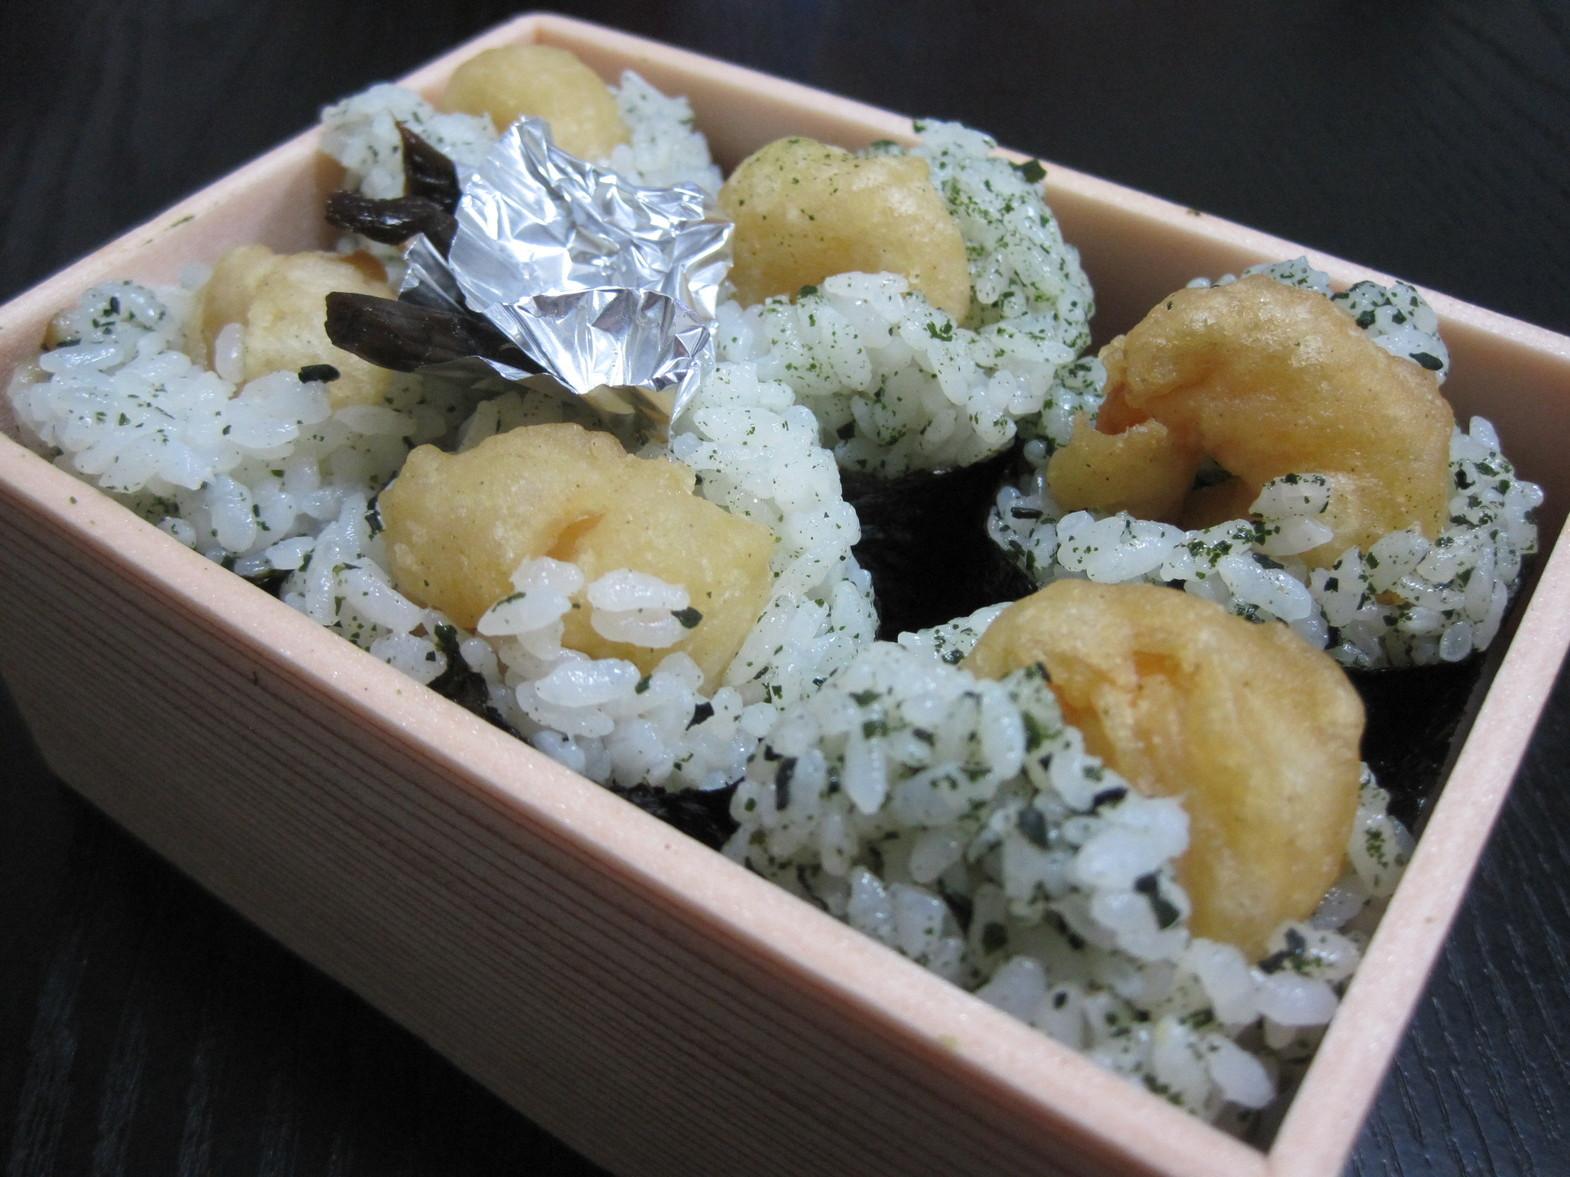 蓮台寺寿司 伊勢ふじ里